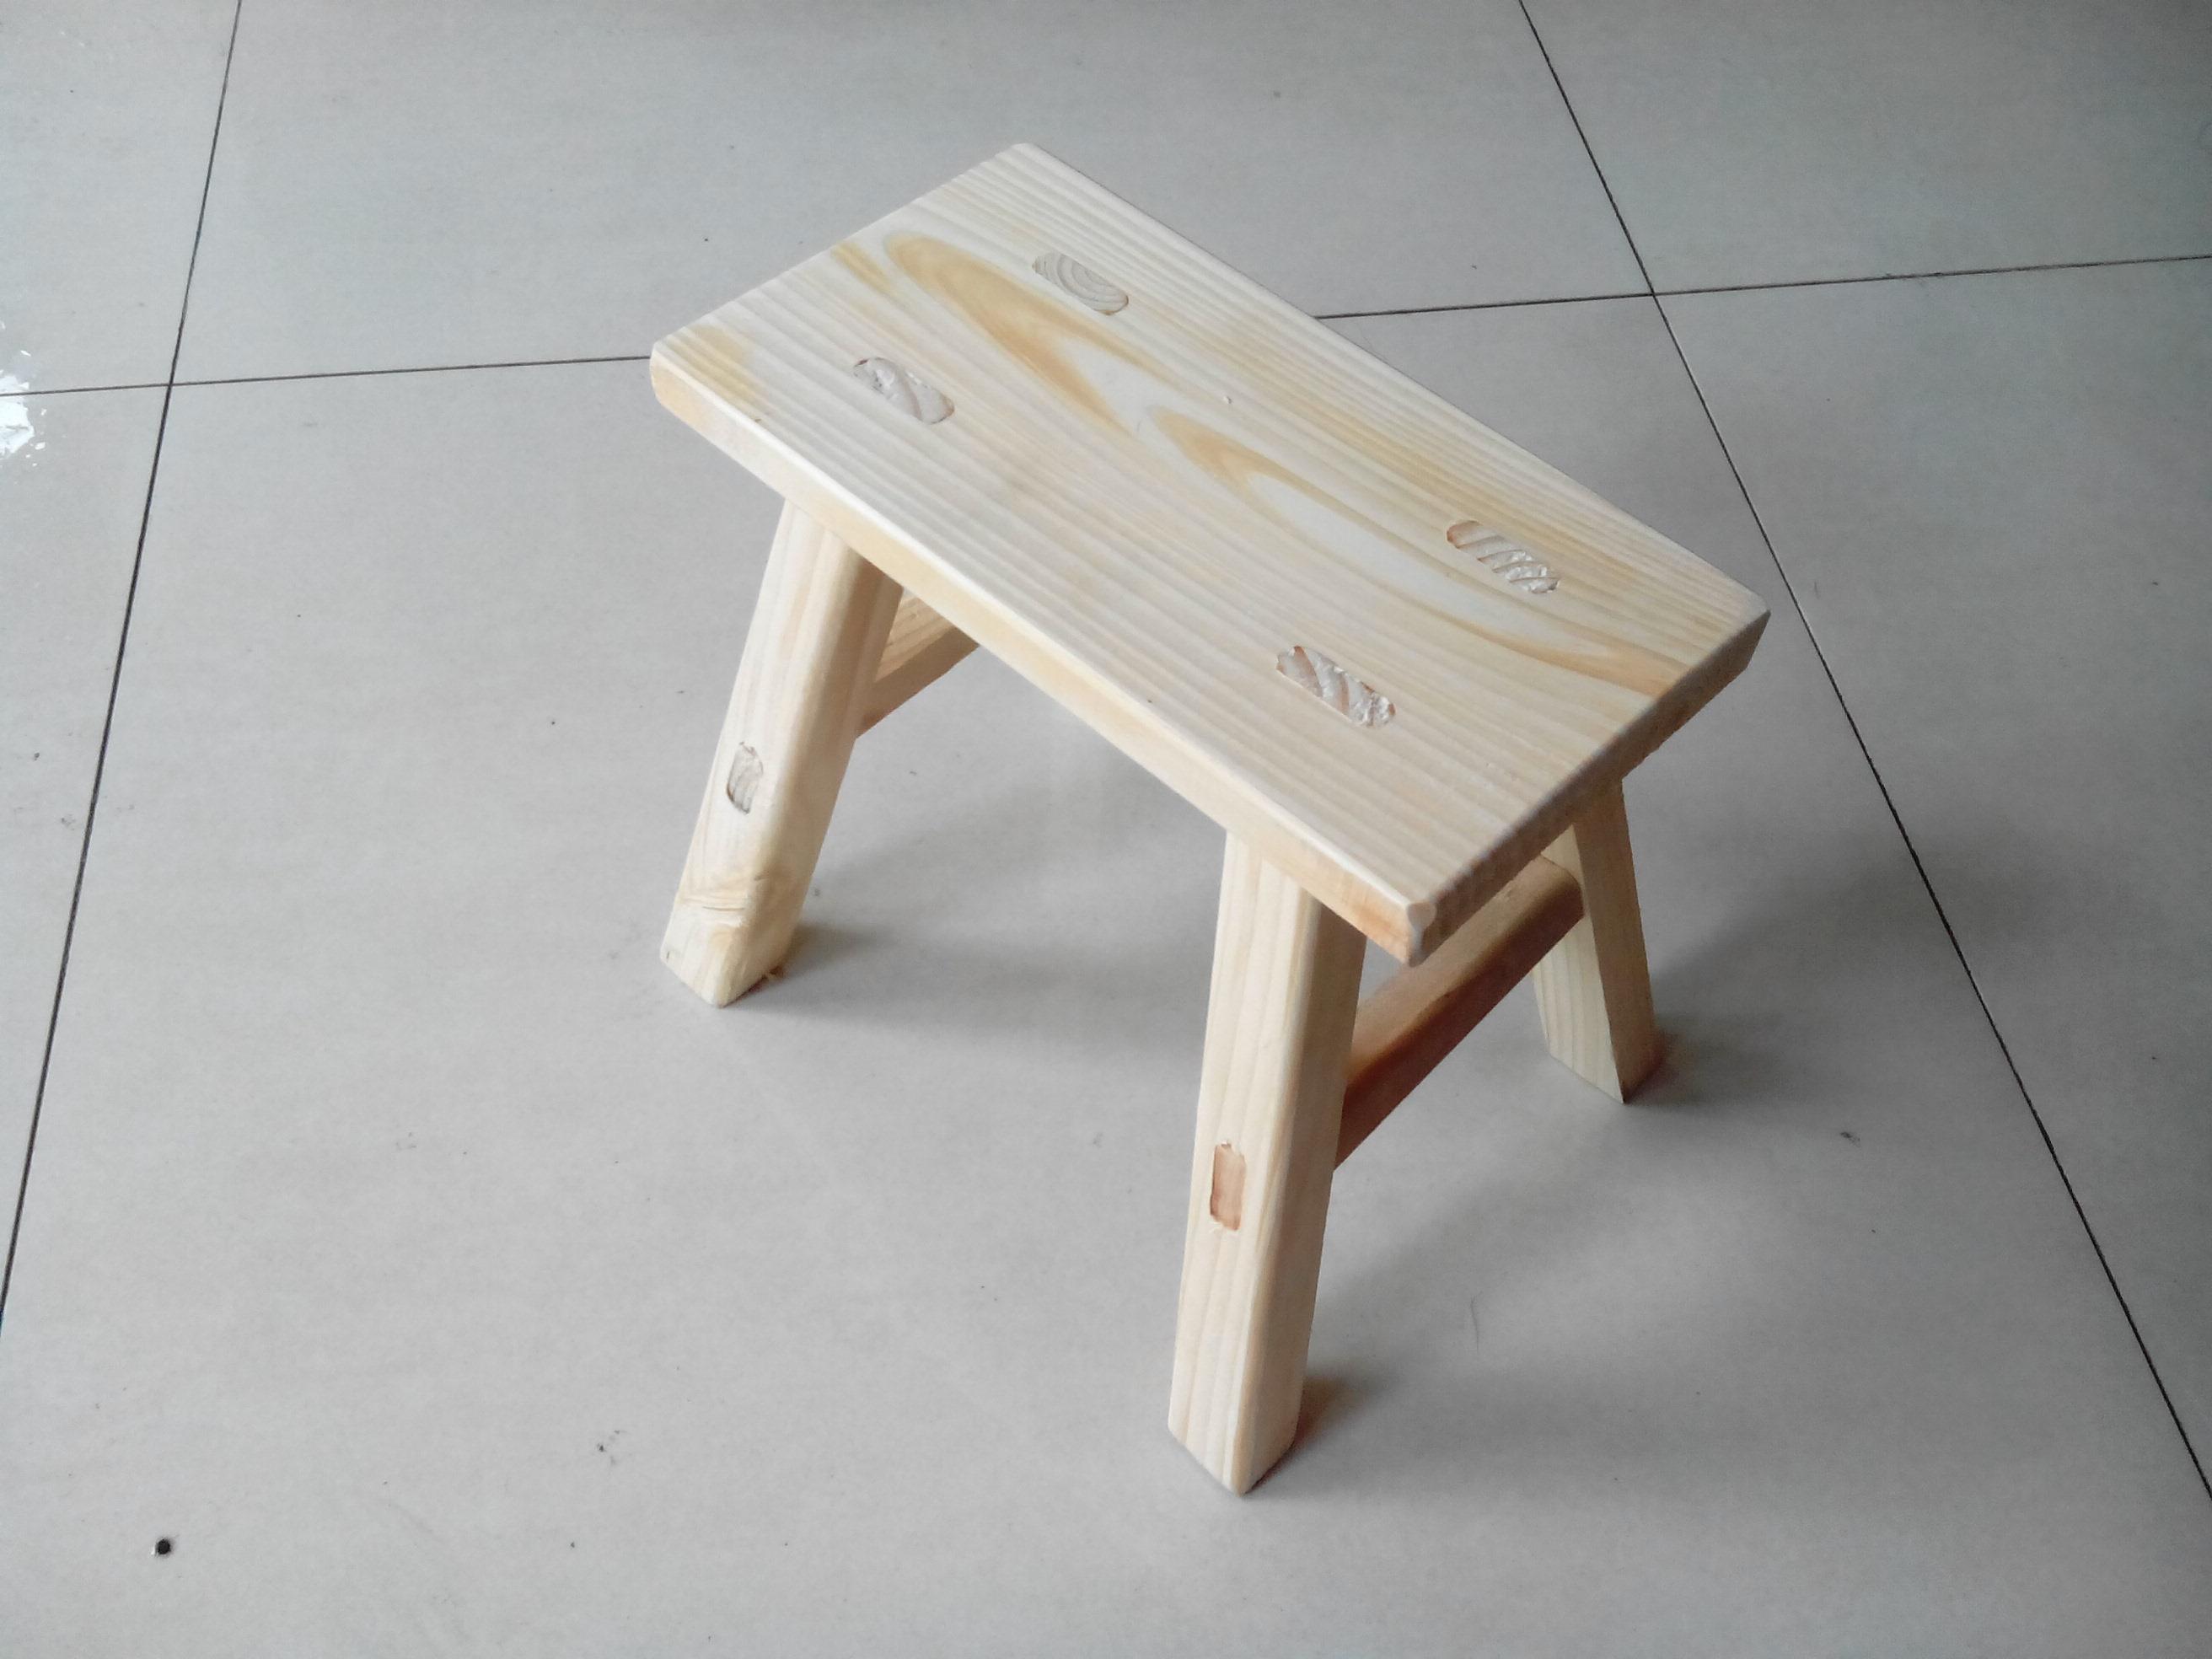 正品[小木凳]小木凳图片制作小木凳评测配重图纸拖拉机图片图片